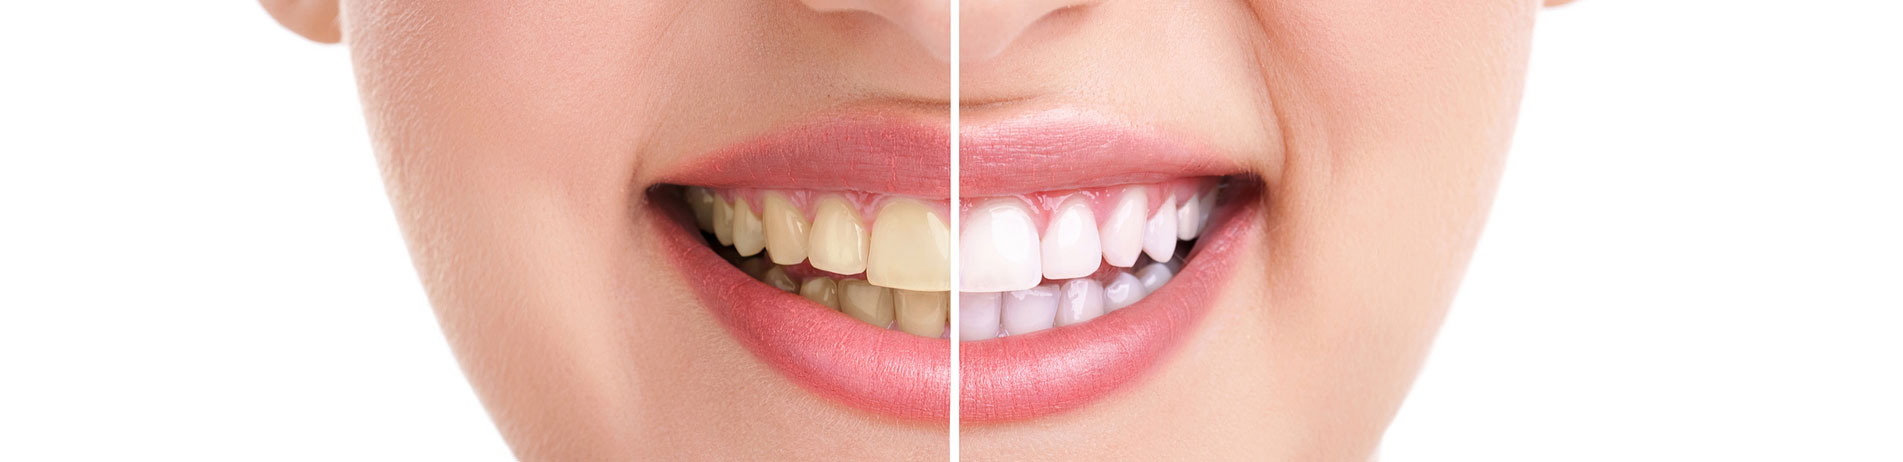 Bleaching für Zähne - Unterschied